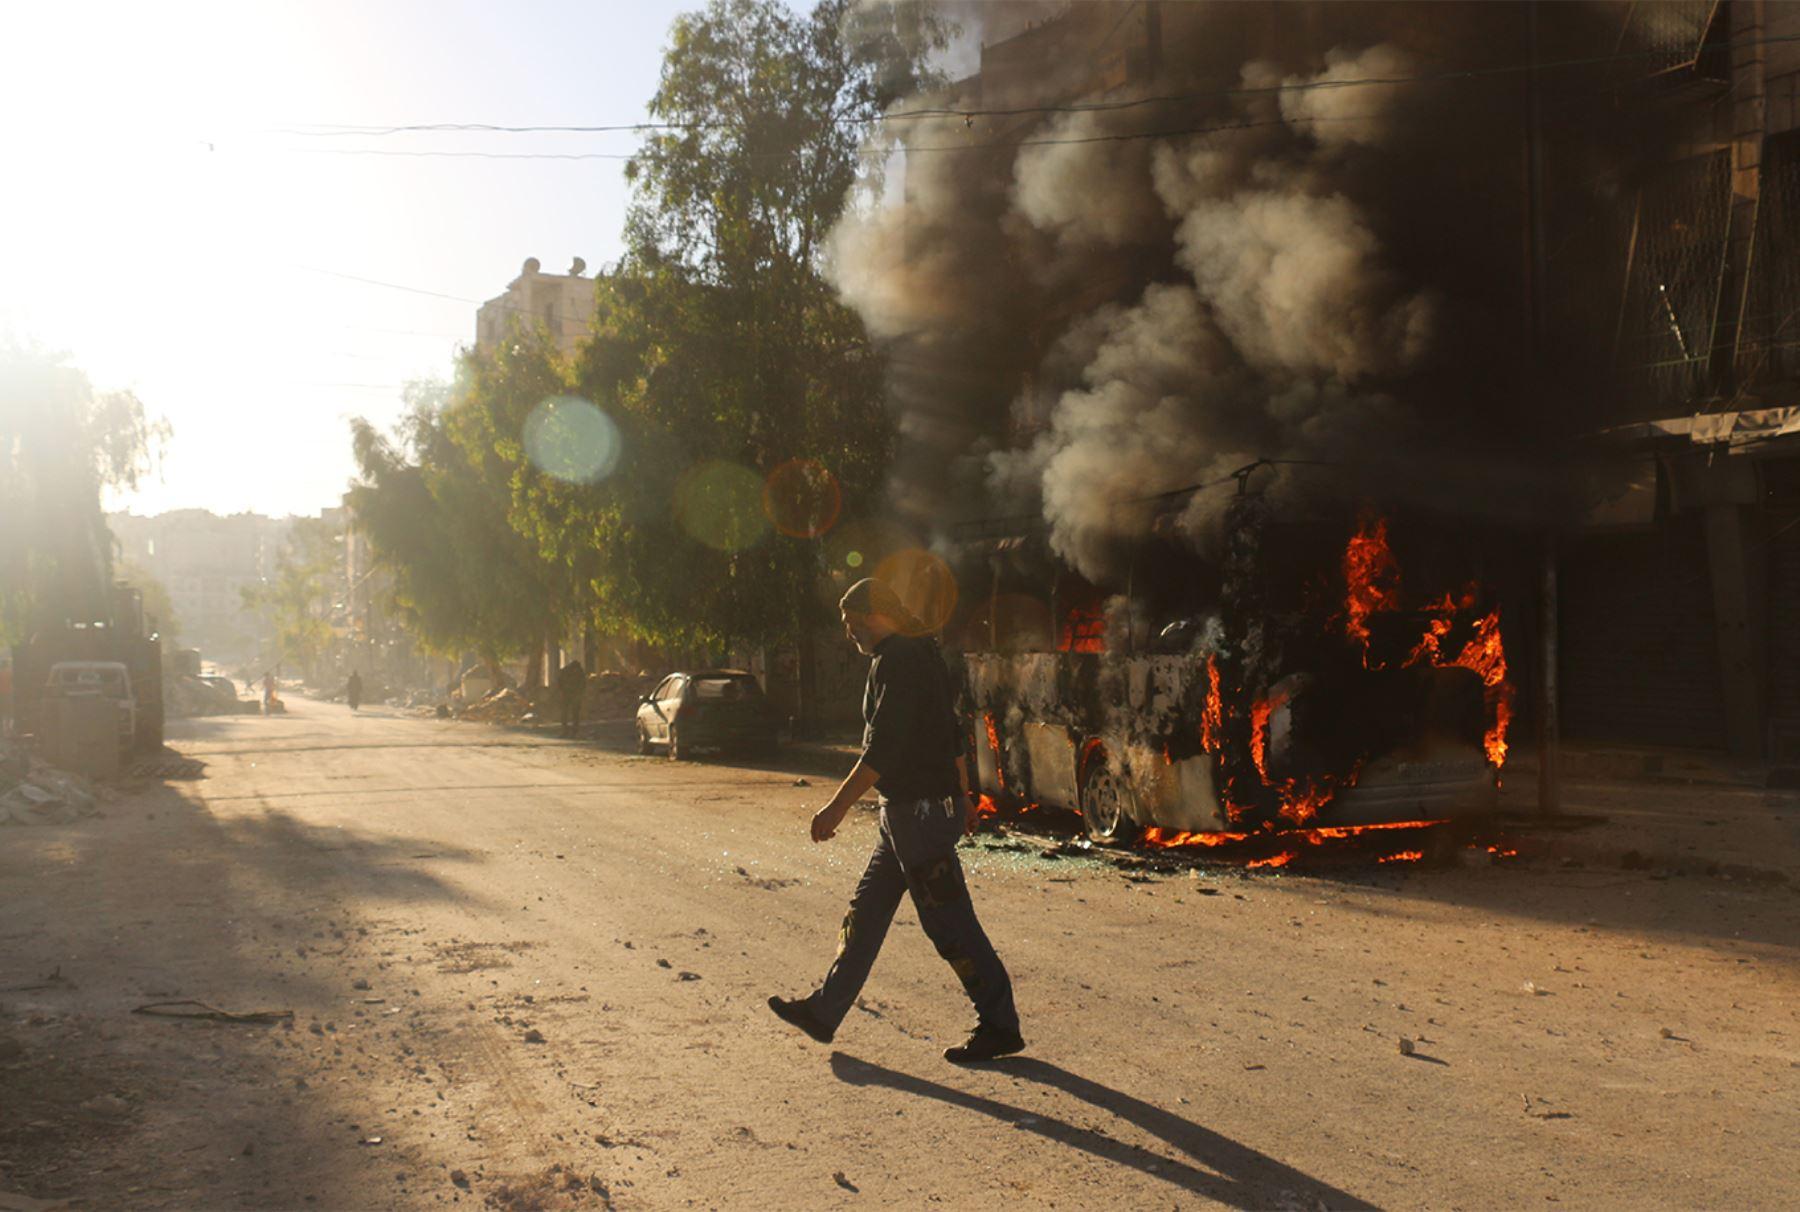 Un hombre sirio pasa junto a un autobús incendiado tras un ataque aéreo reportado en el distrito controlado por los rebeldes Salaheddin de Alepo.  Foto: AFP